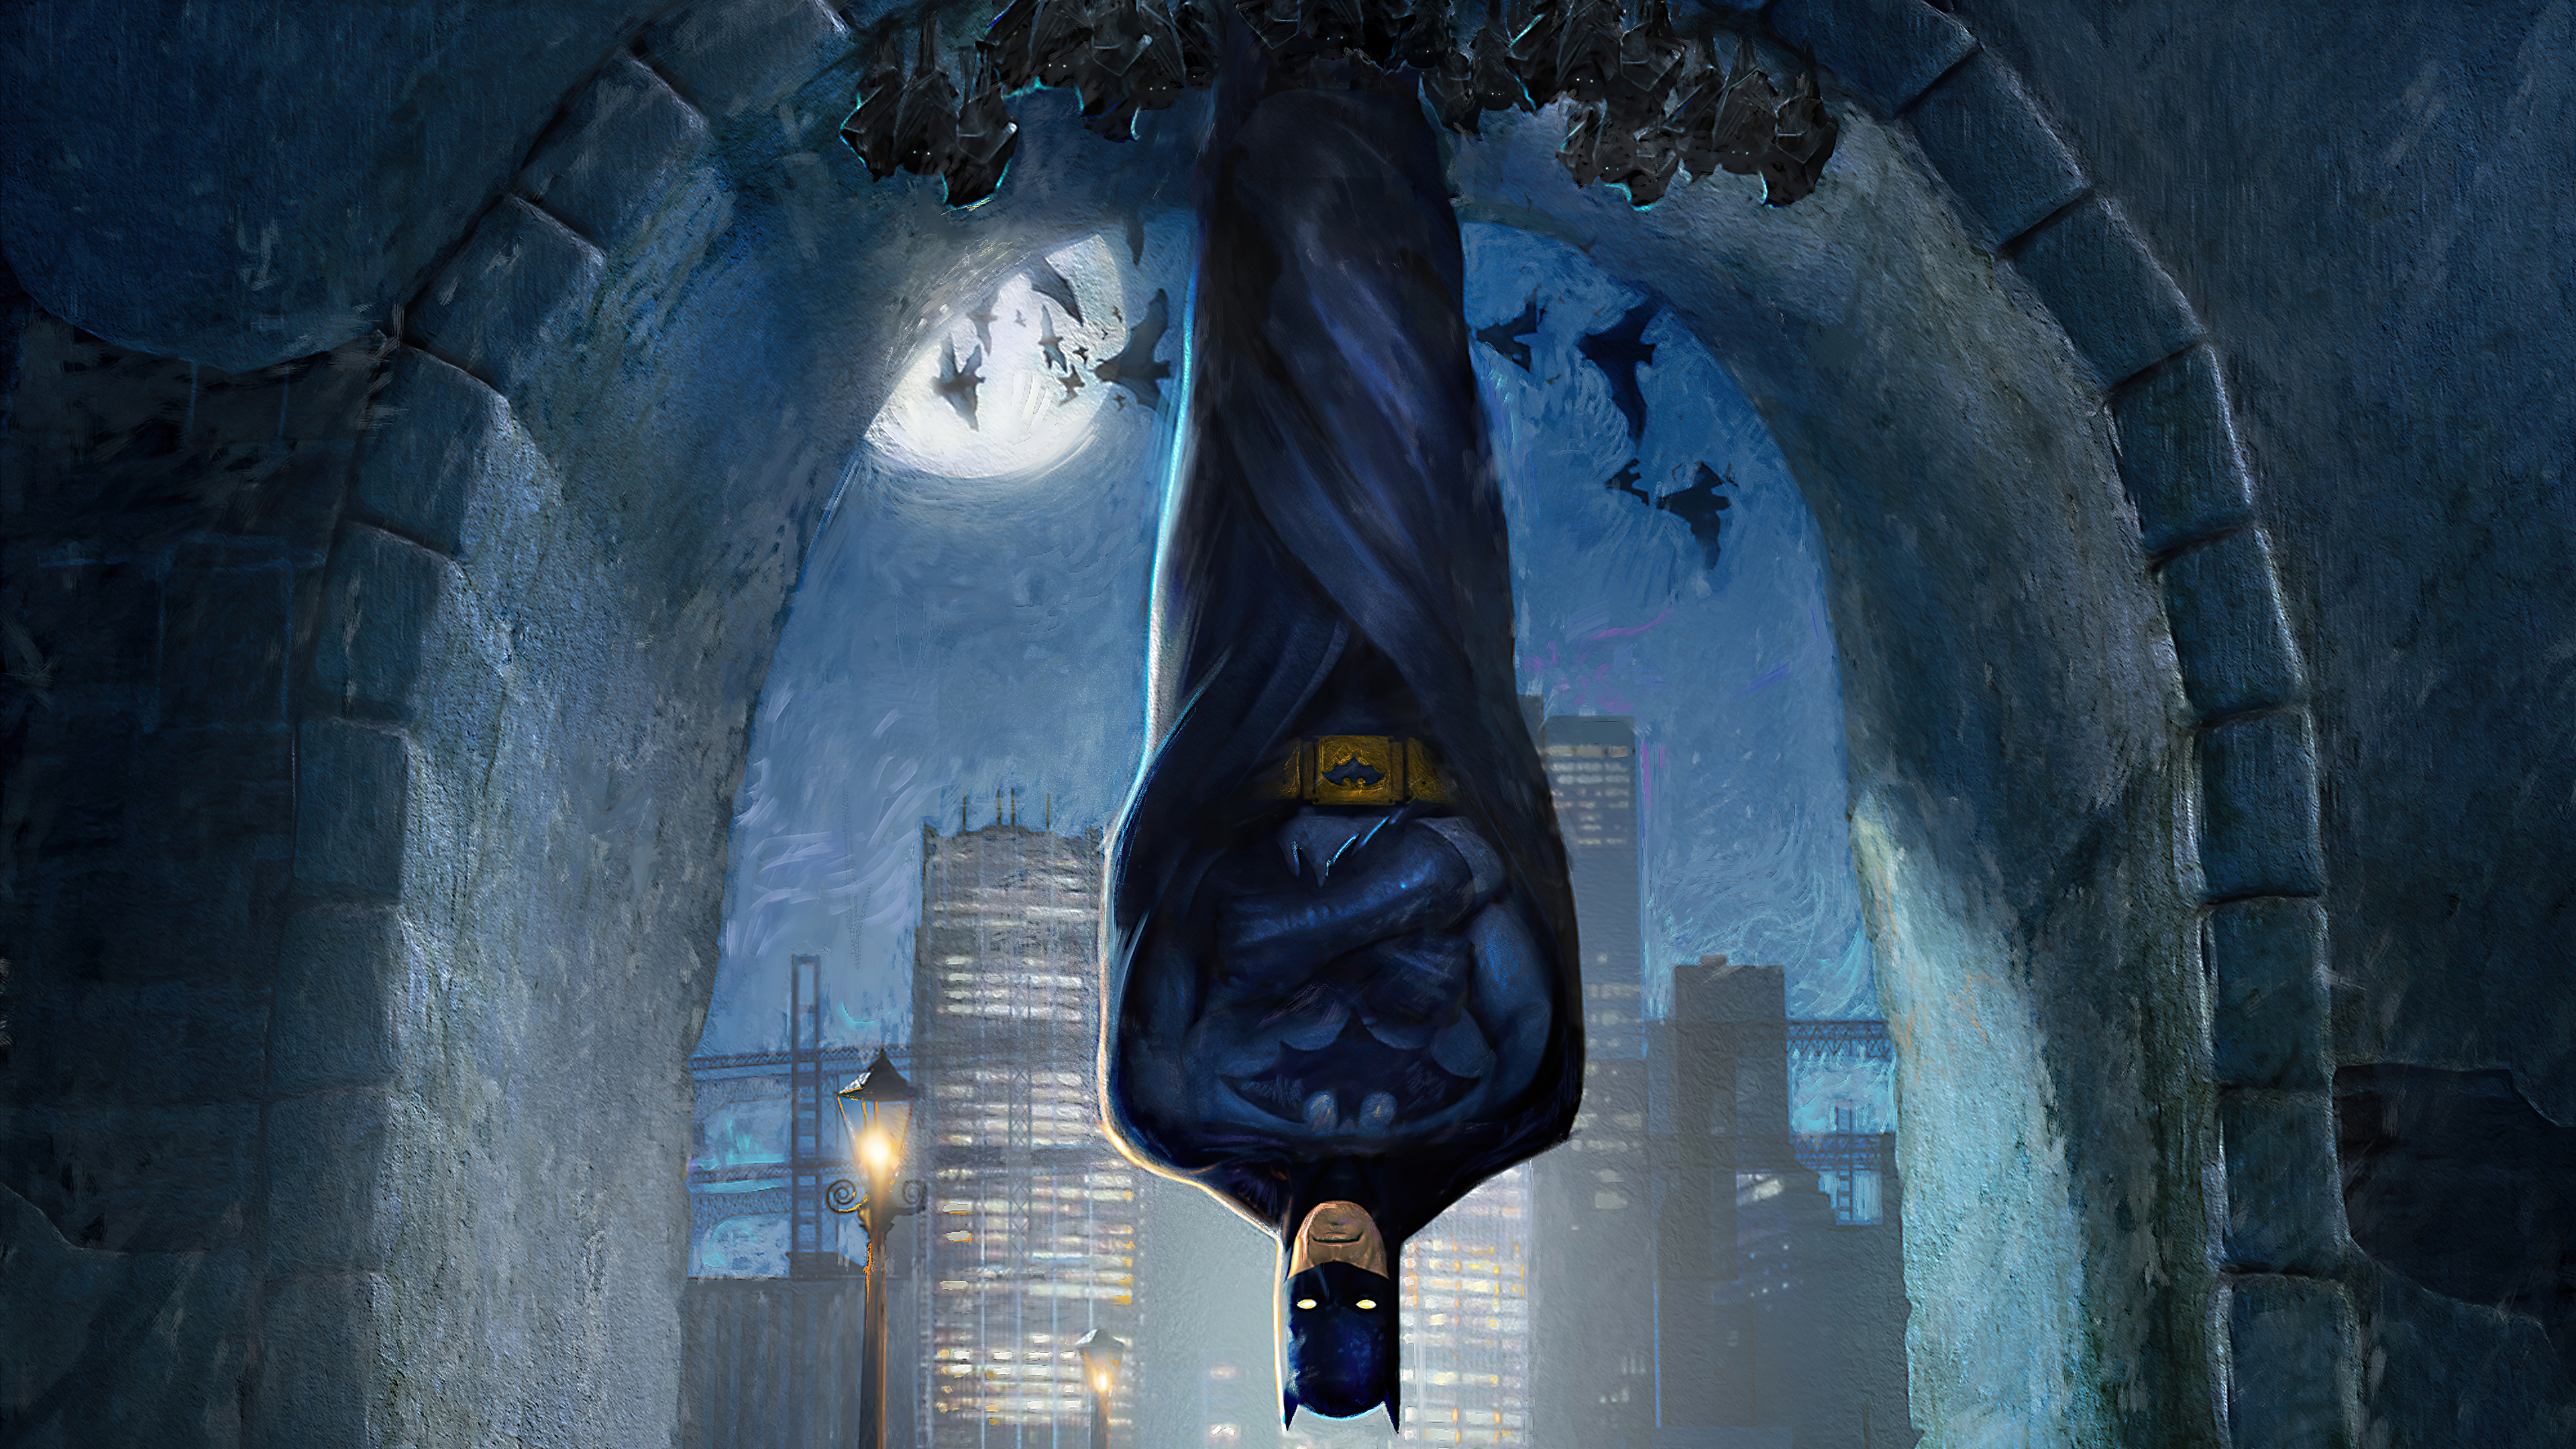 Fondos de pantalla Batman colgado del techo